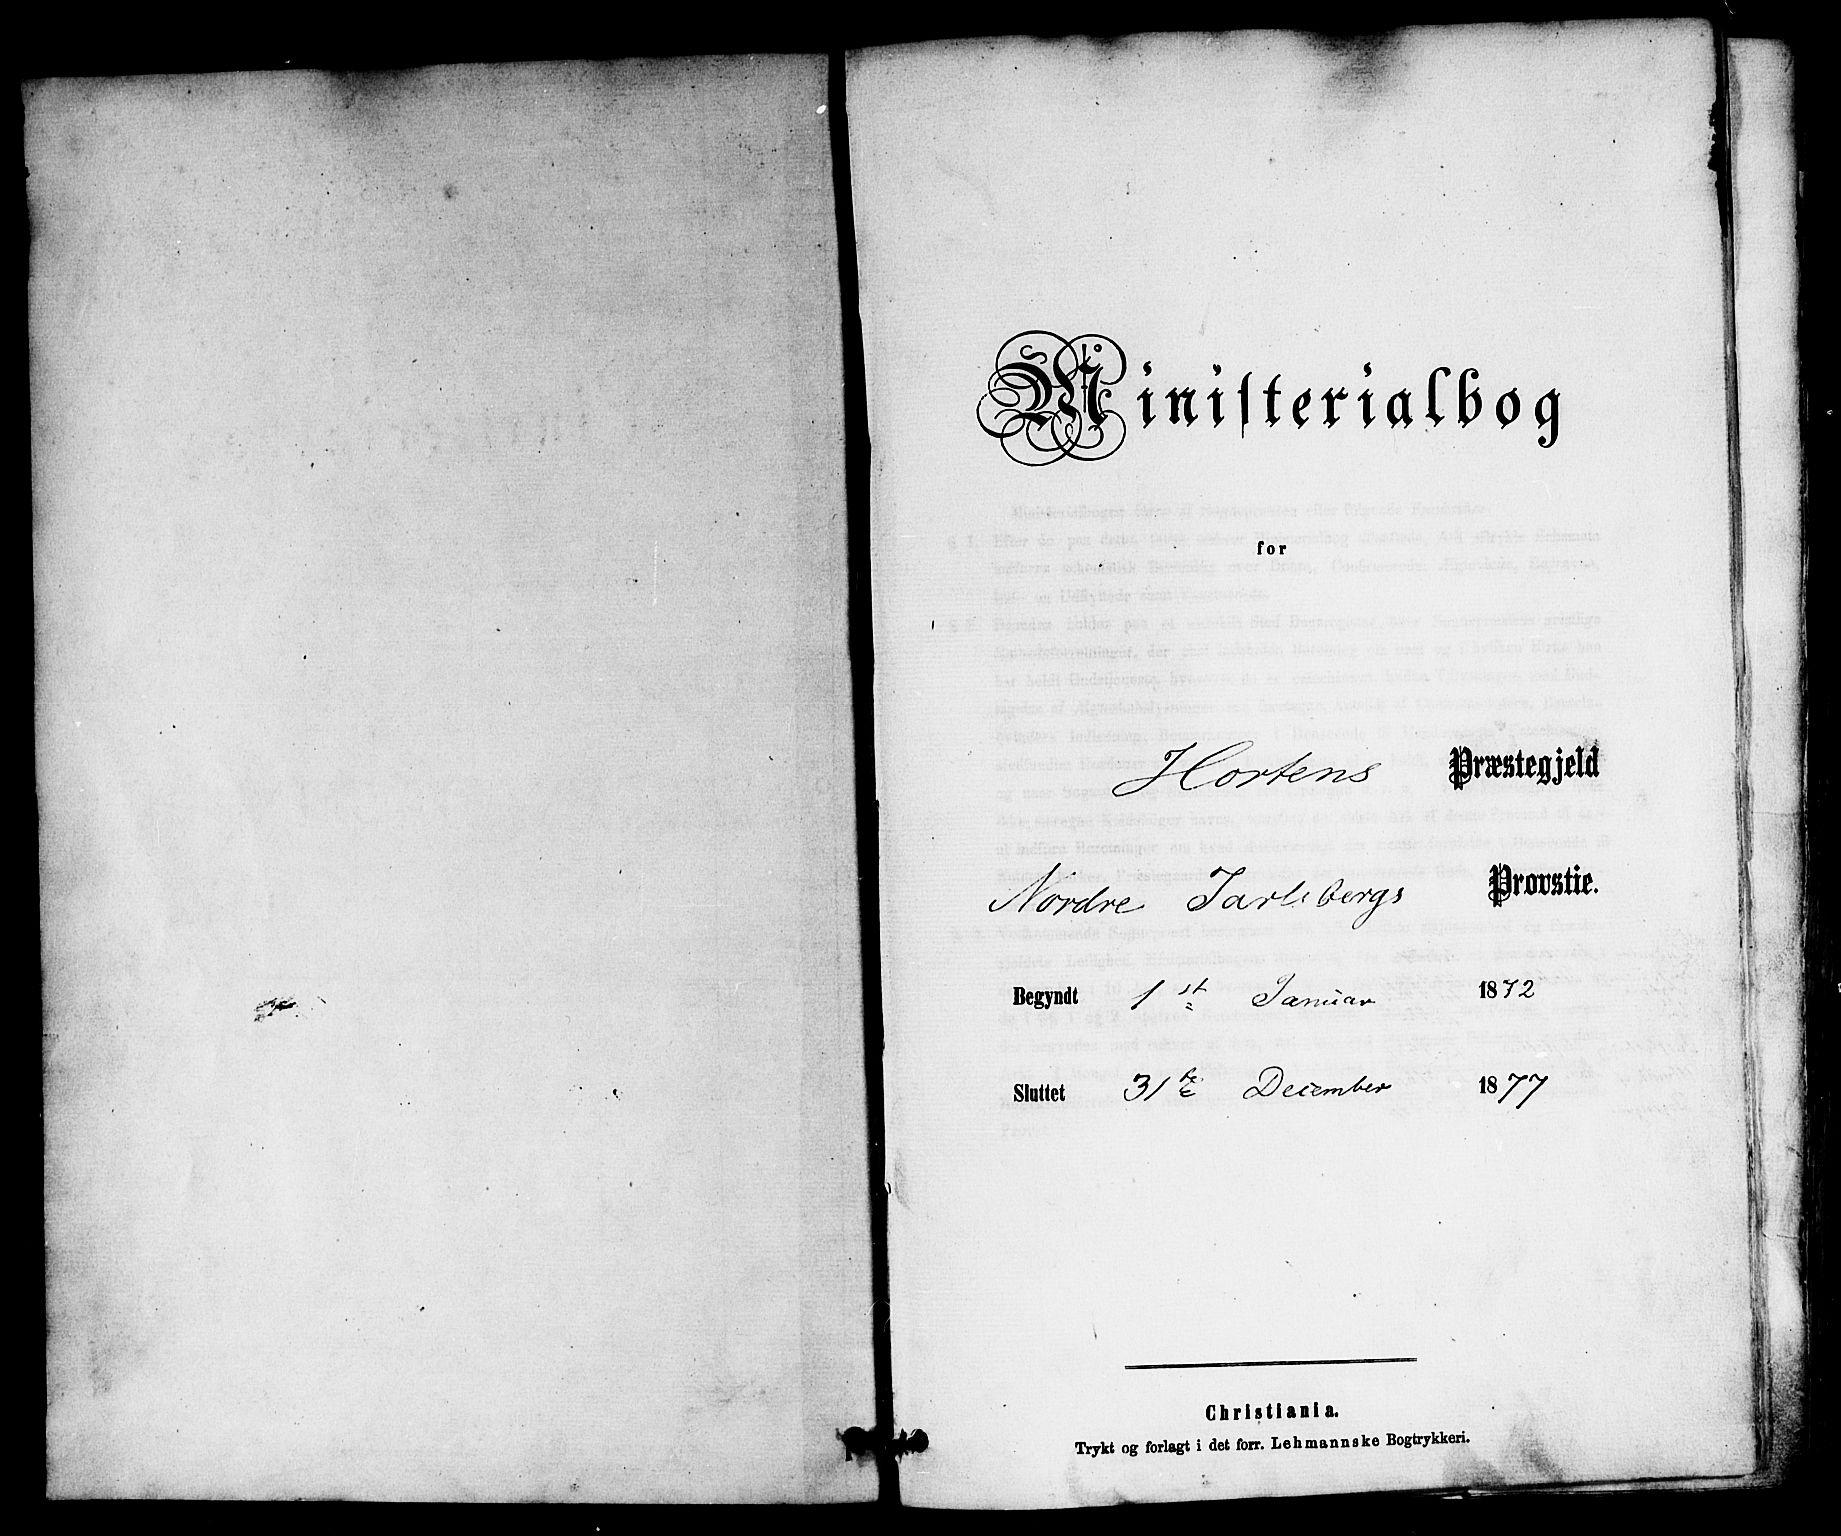 SAKO, Horten kirkebøker, F/Fa/L0002: Ministerialbok nr. 2, 1872-1877